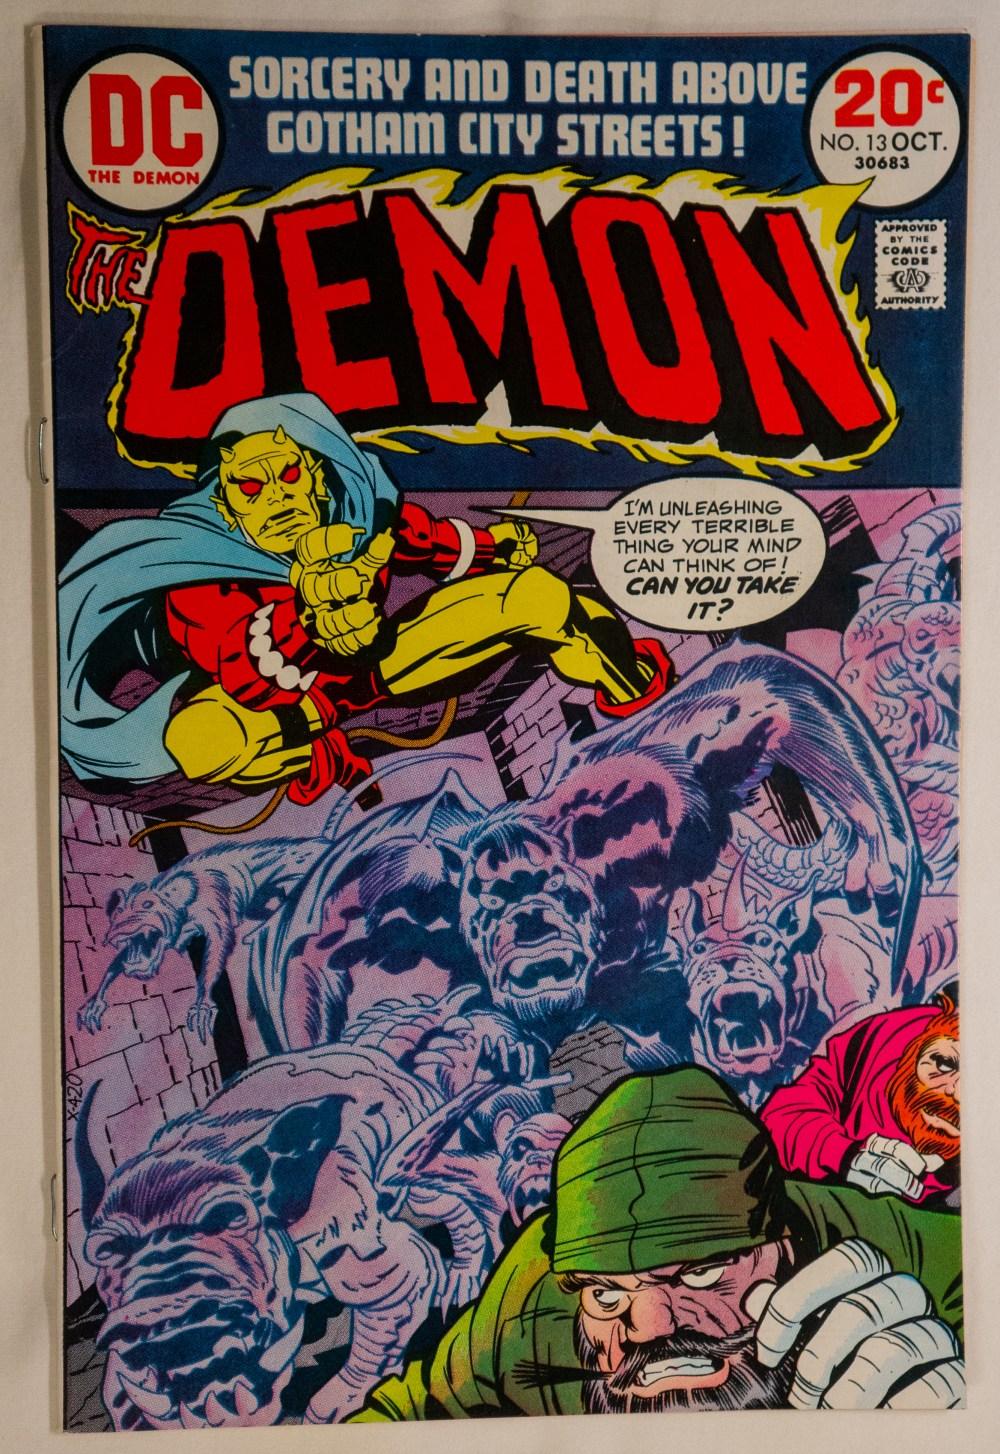 The Demon #13